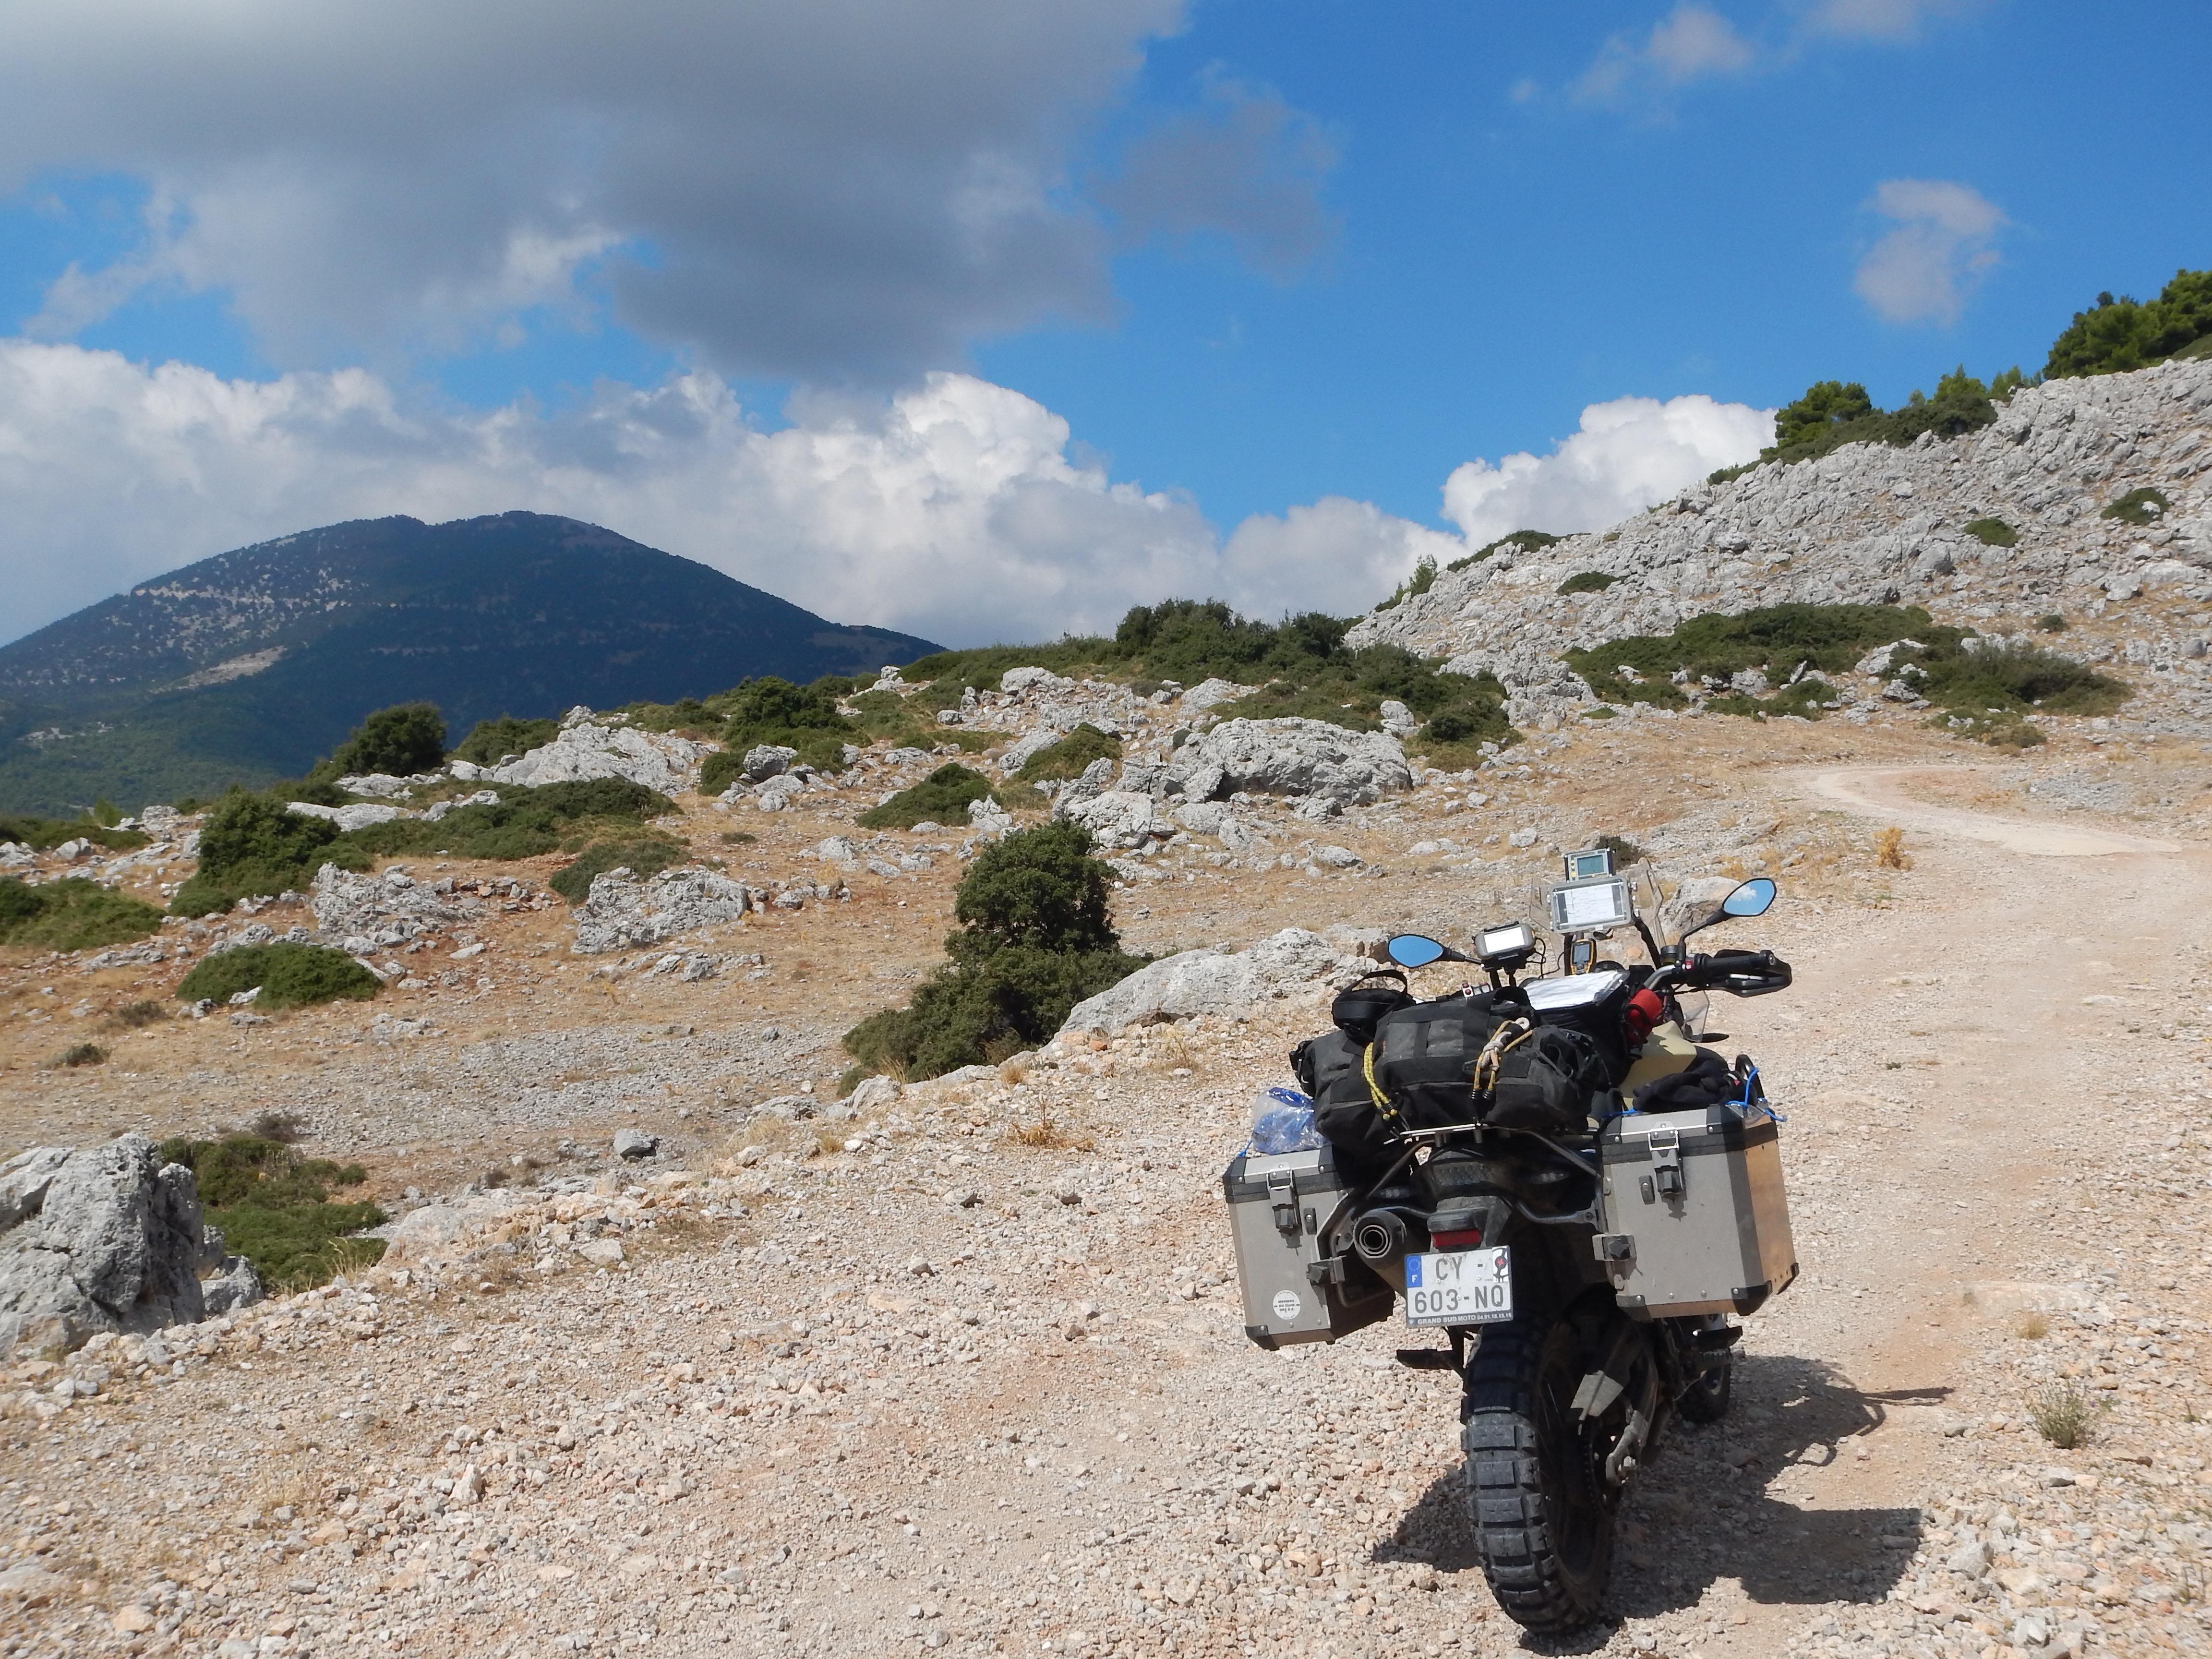 Grèce - Destination Météores par trail rando 161003040632935838